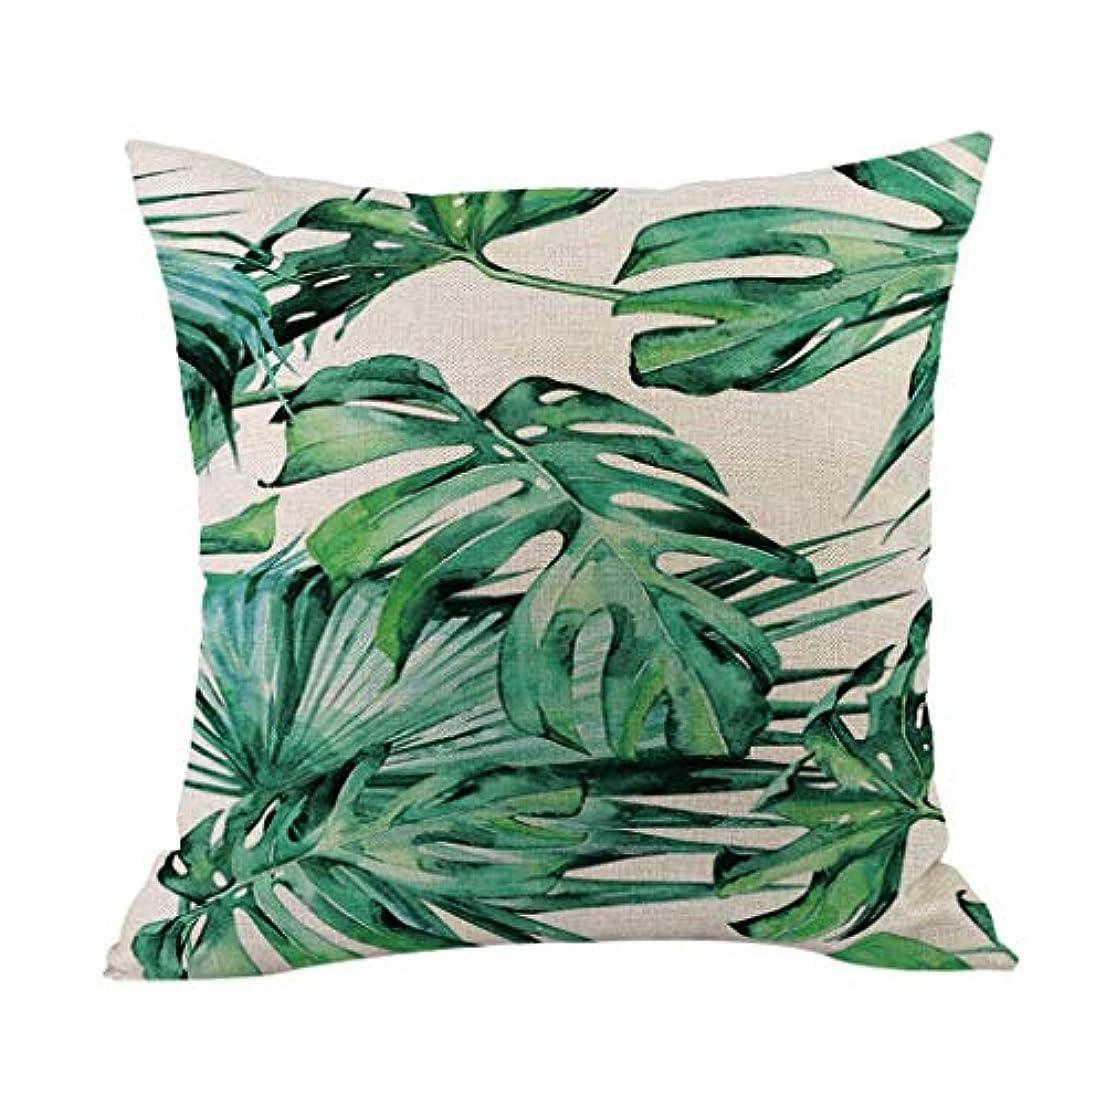 真珠のような知り合いになるを通してLIFE 高品質クッション熱帯植物ポリエステル枕ソファ投げるパッドセットホーム人格クッション coussin decoratif クッション 椅子